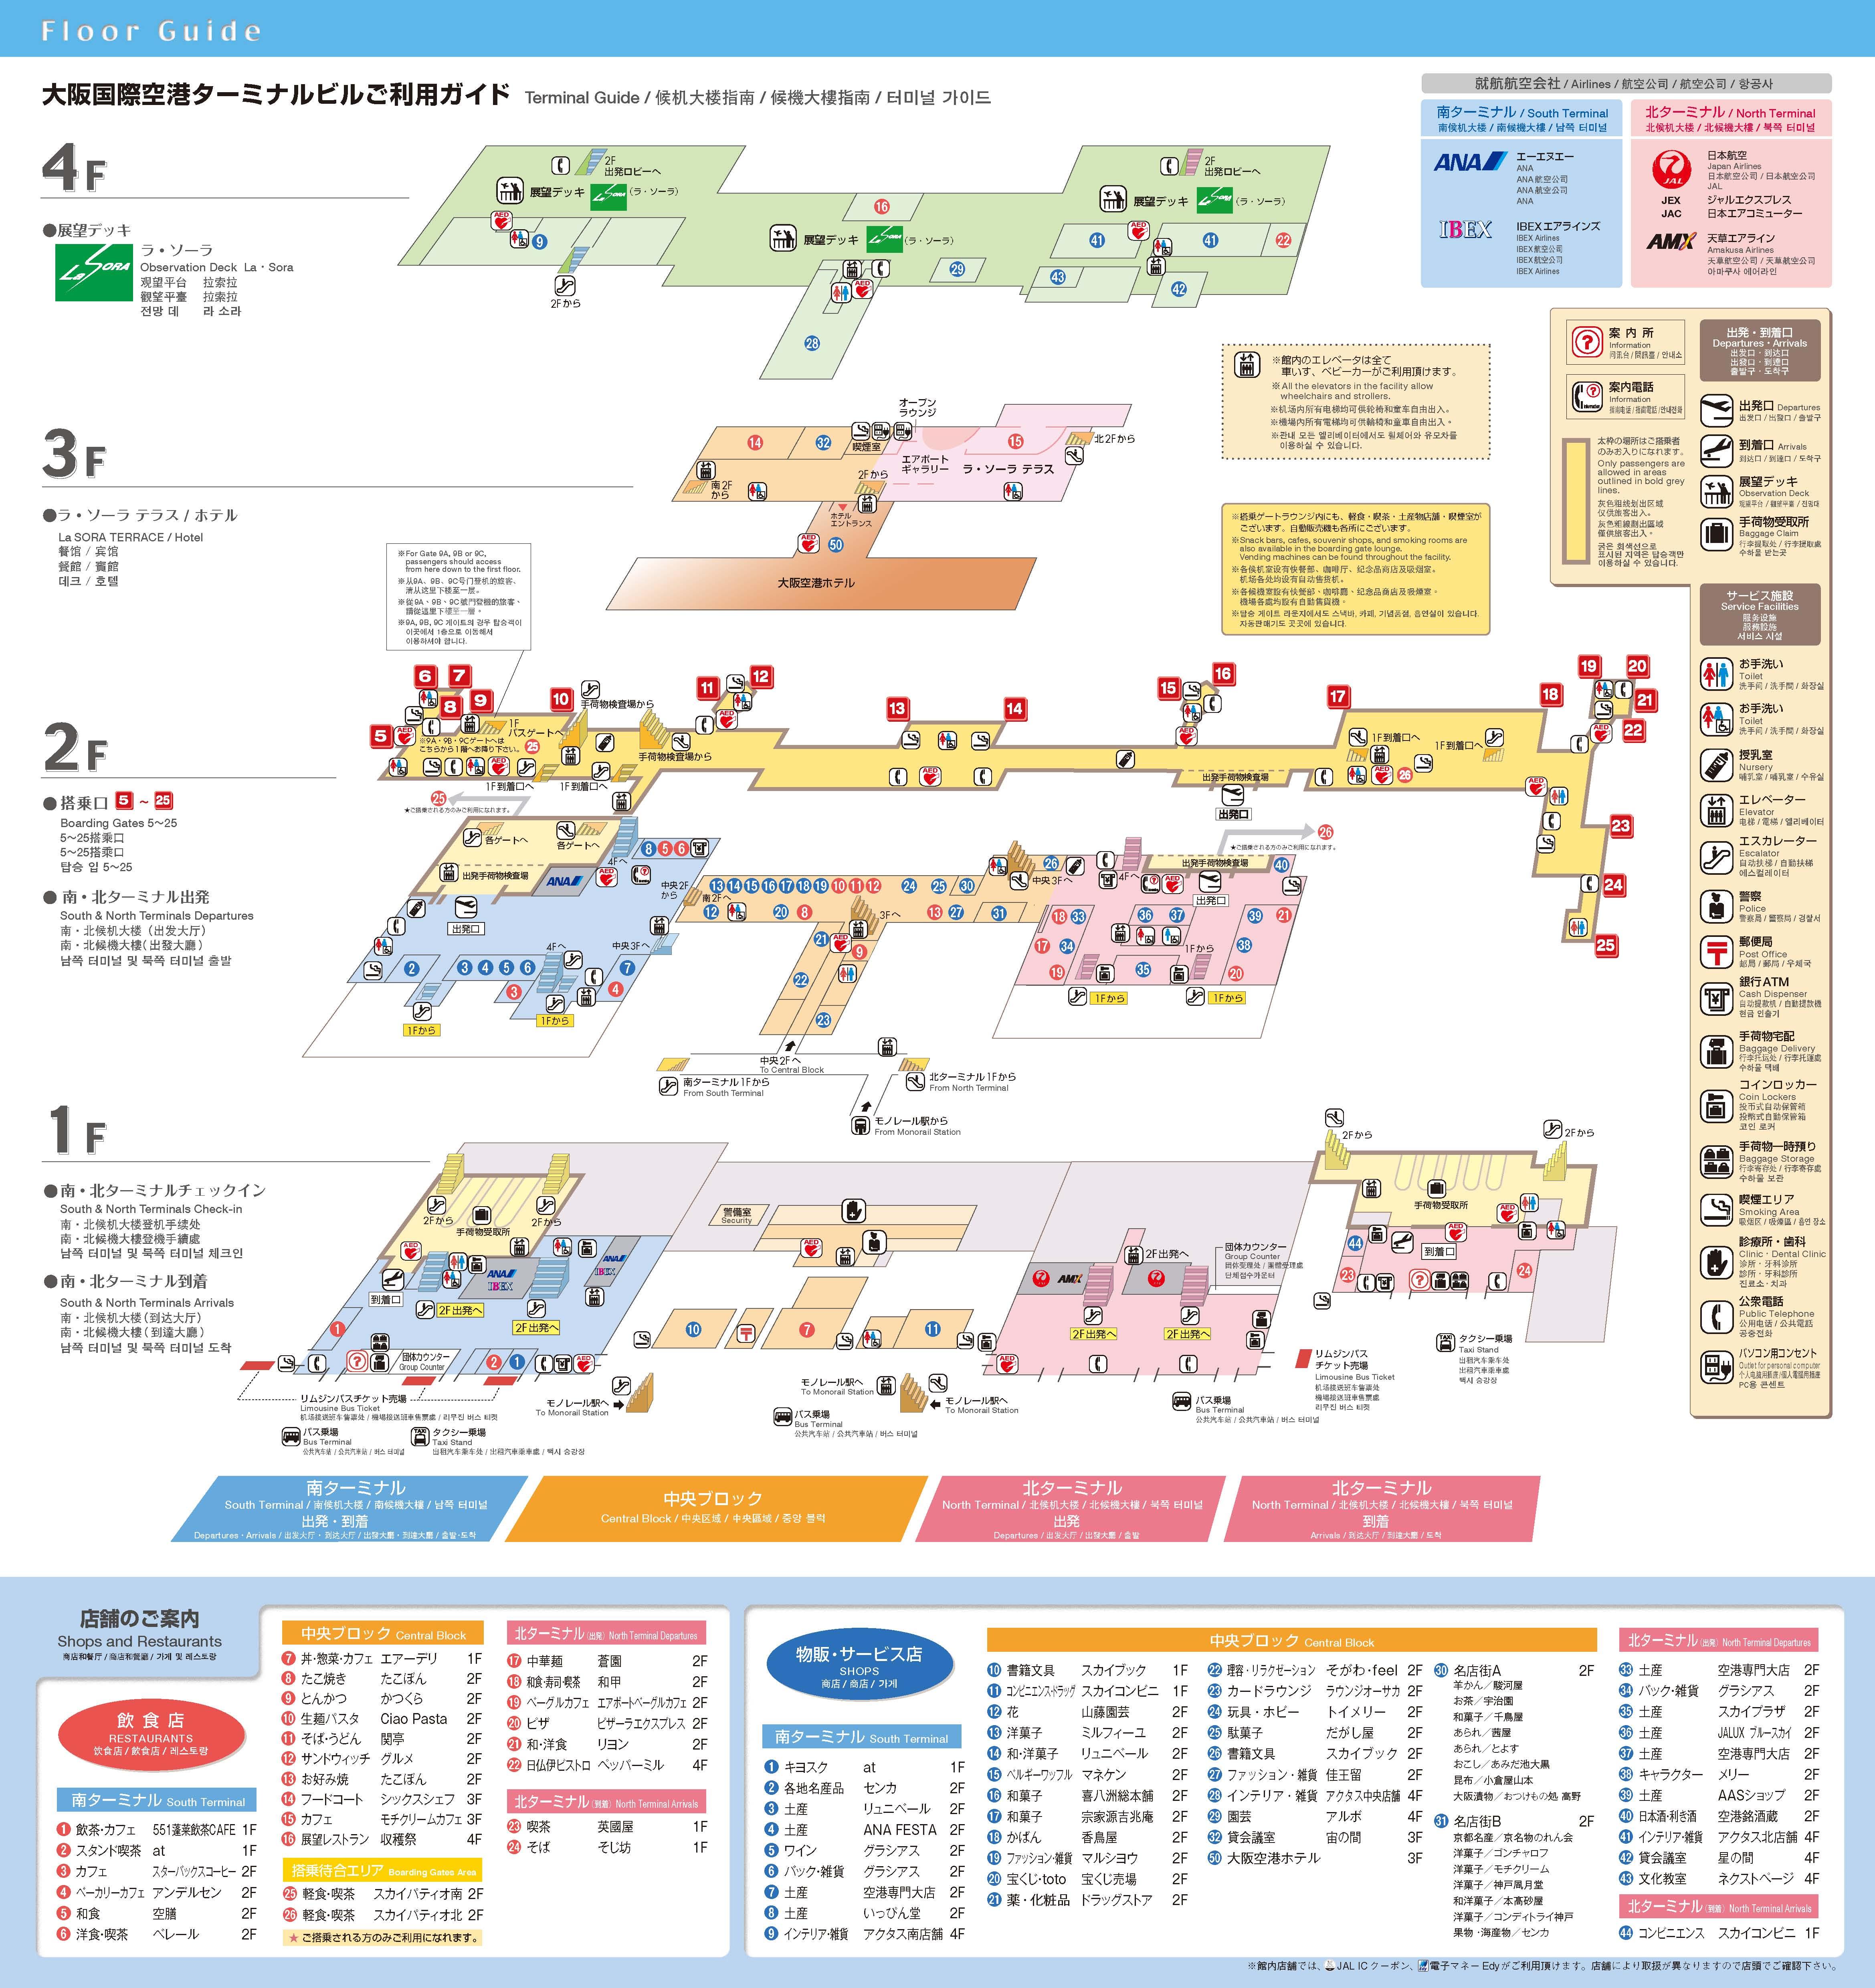 服务设施平面示意图(点击查看机场地图